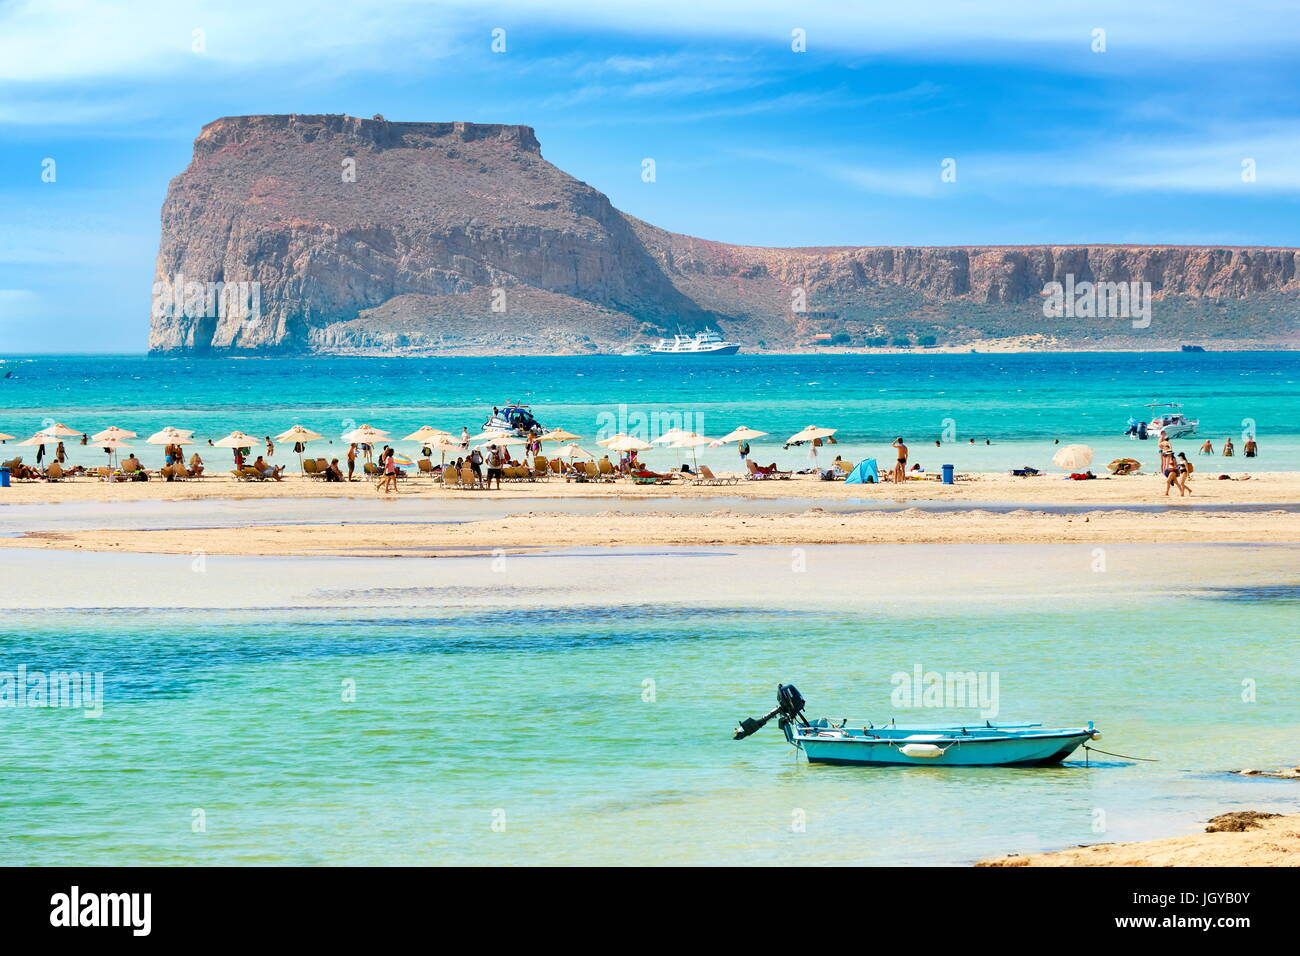 Plage de Balos, péninsule de Gramvousa, île de Crète, Grèce Photo Stock